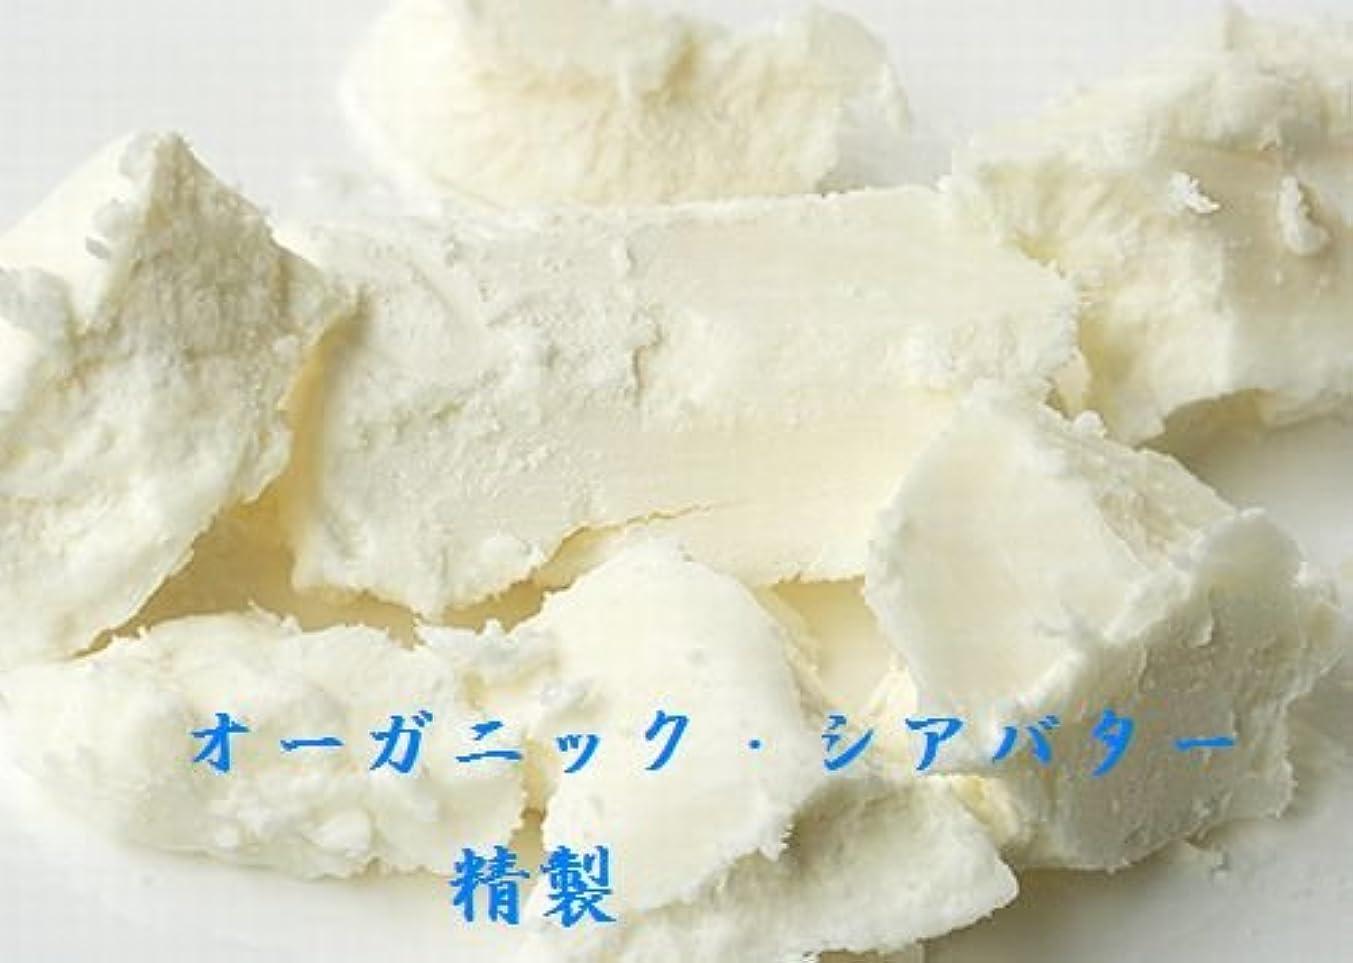 尊厳繕うあるシア バター 精製 オーガニック 100g 送料込み